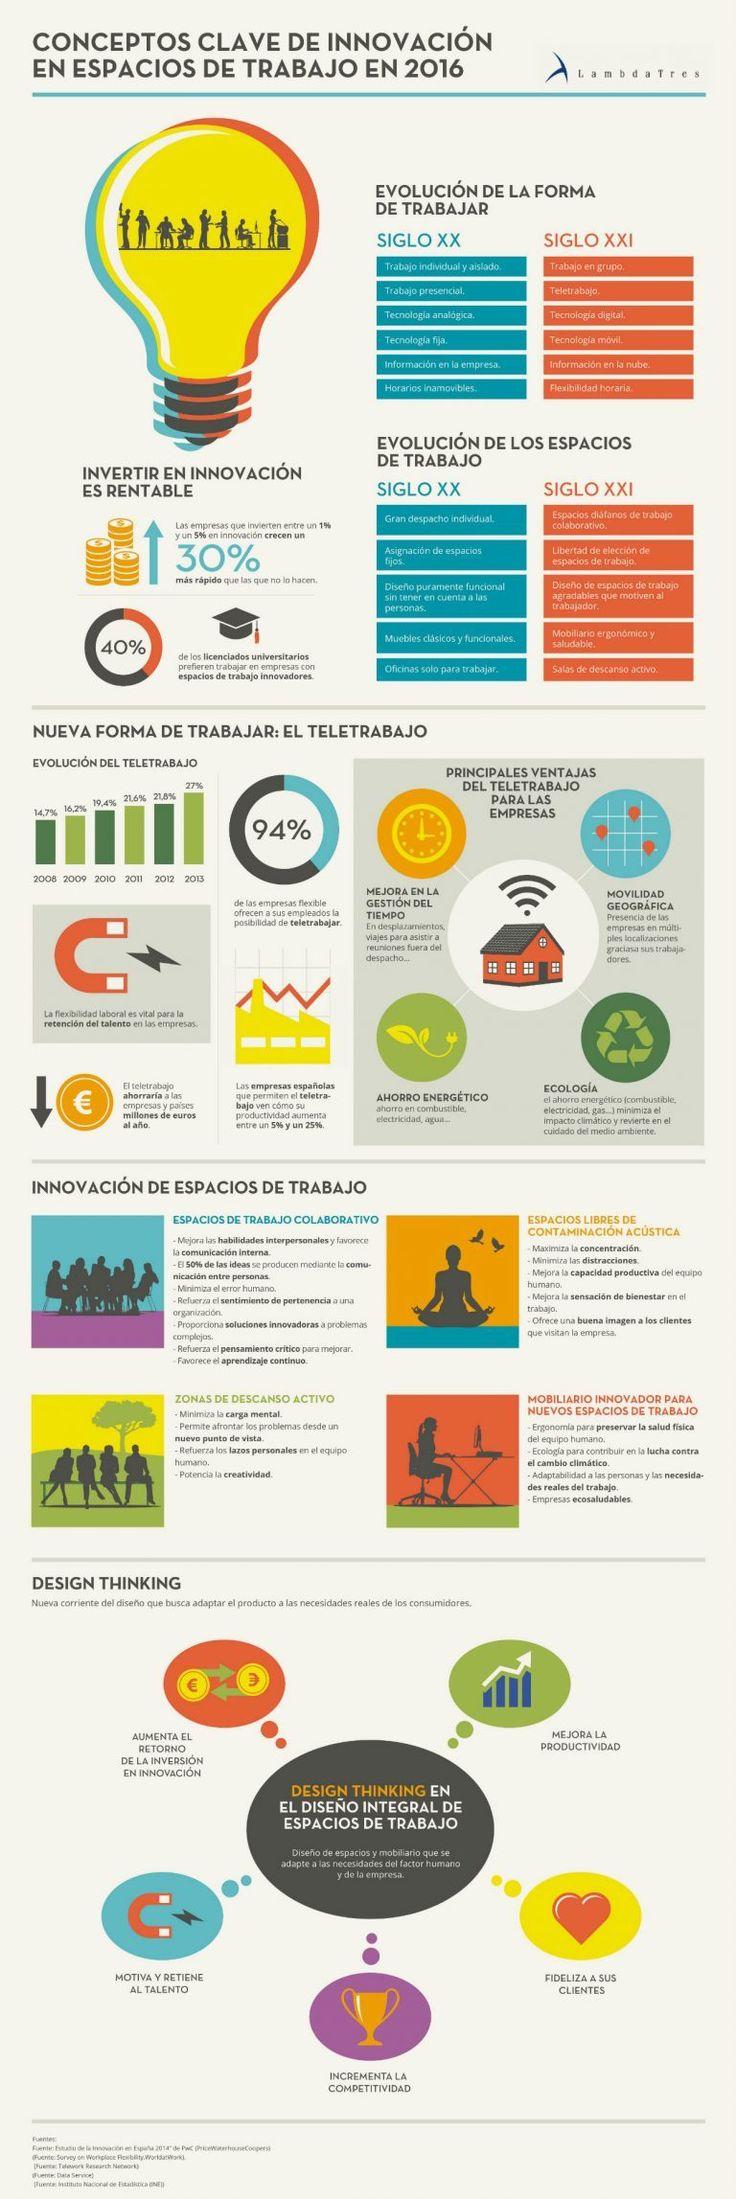 Innovación en espacios de trabajo #infografia #infographic #rrhh